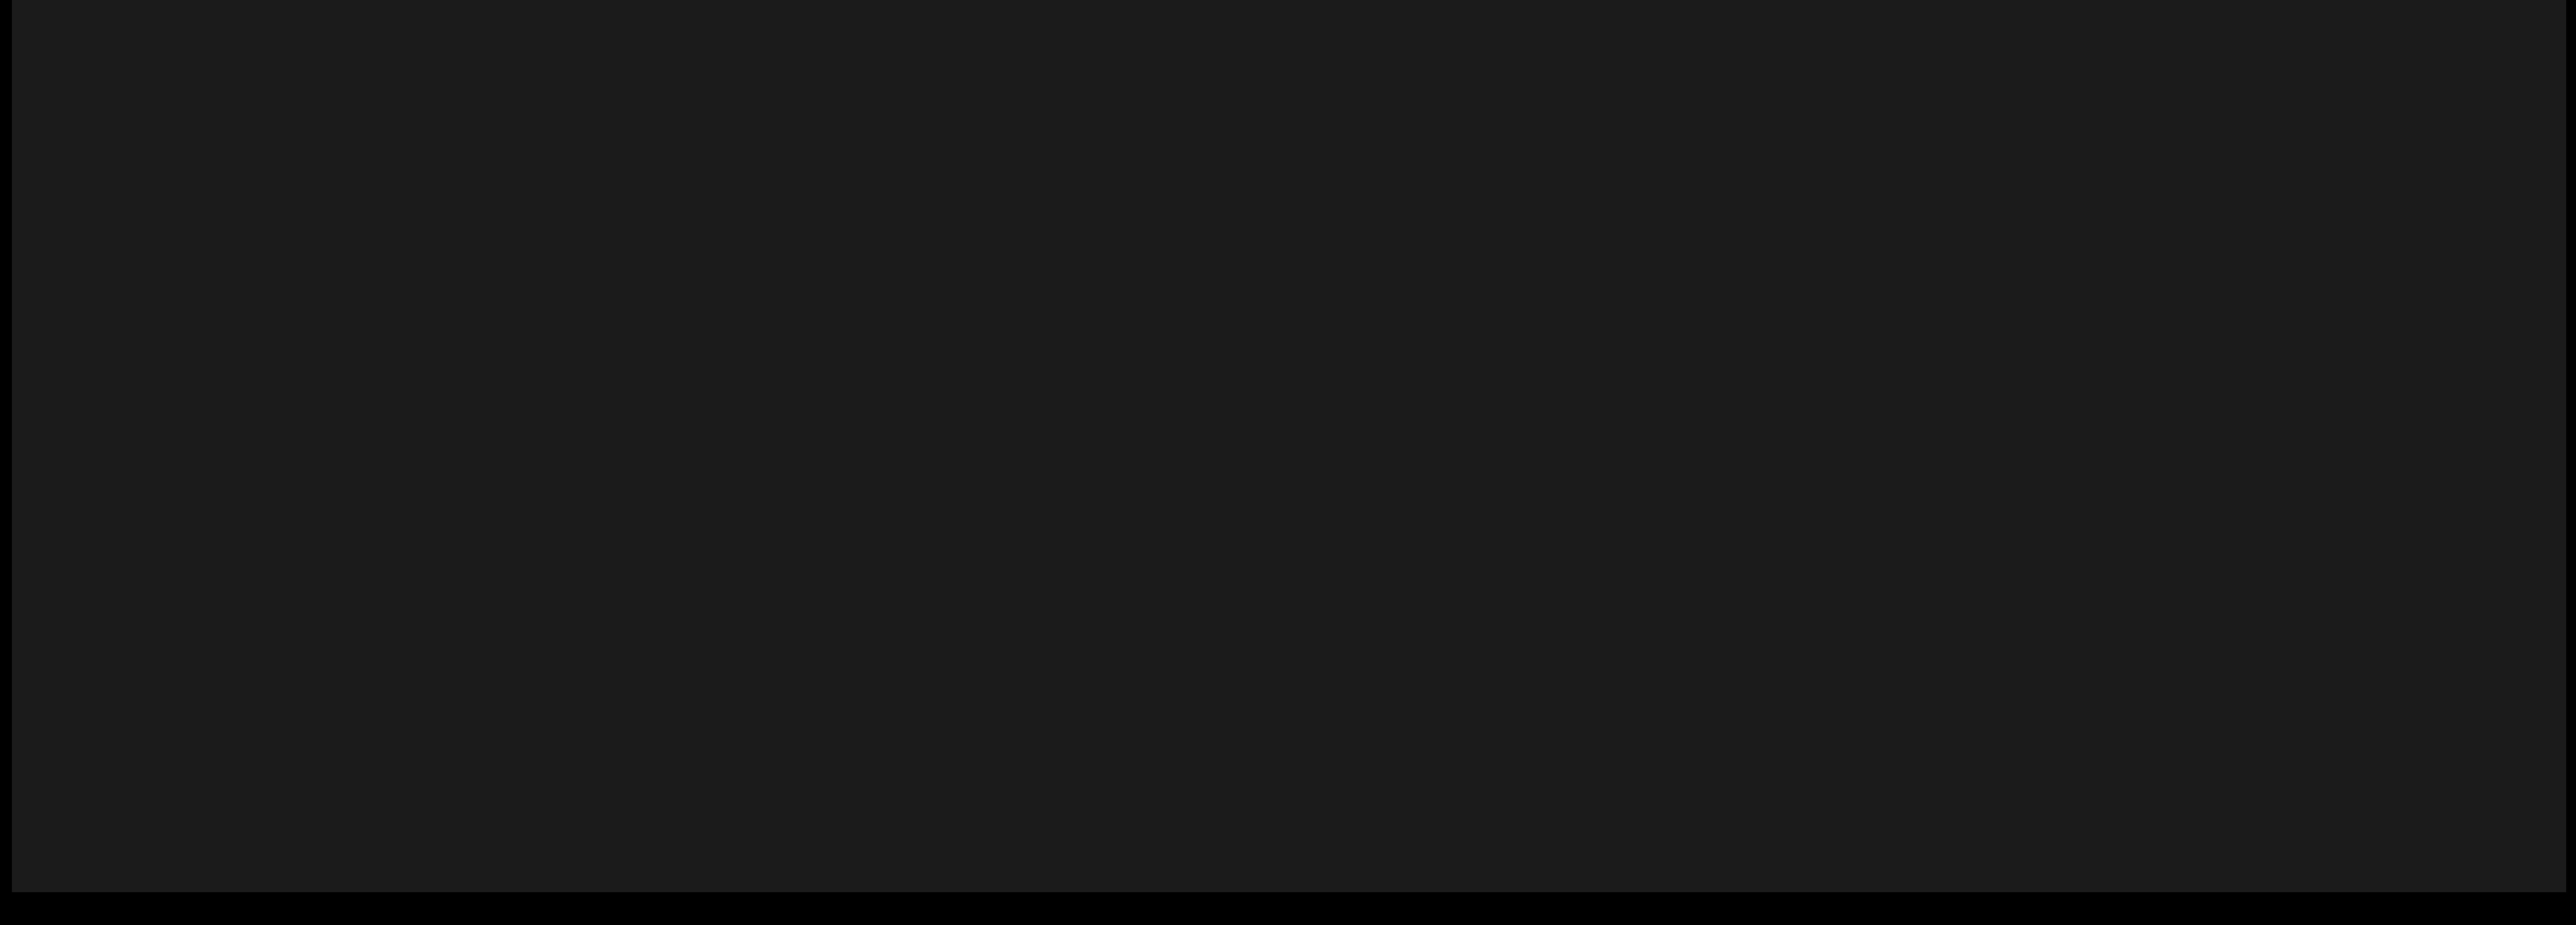 NALIP Media Summit 2019